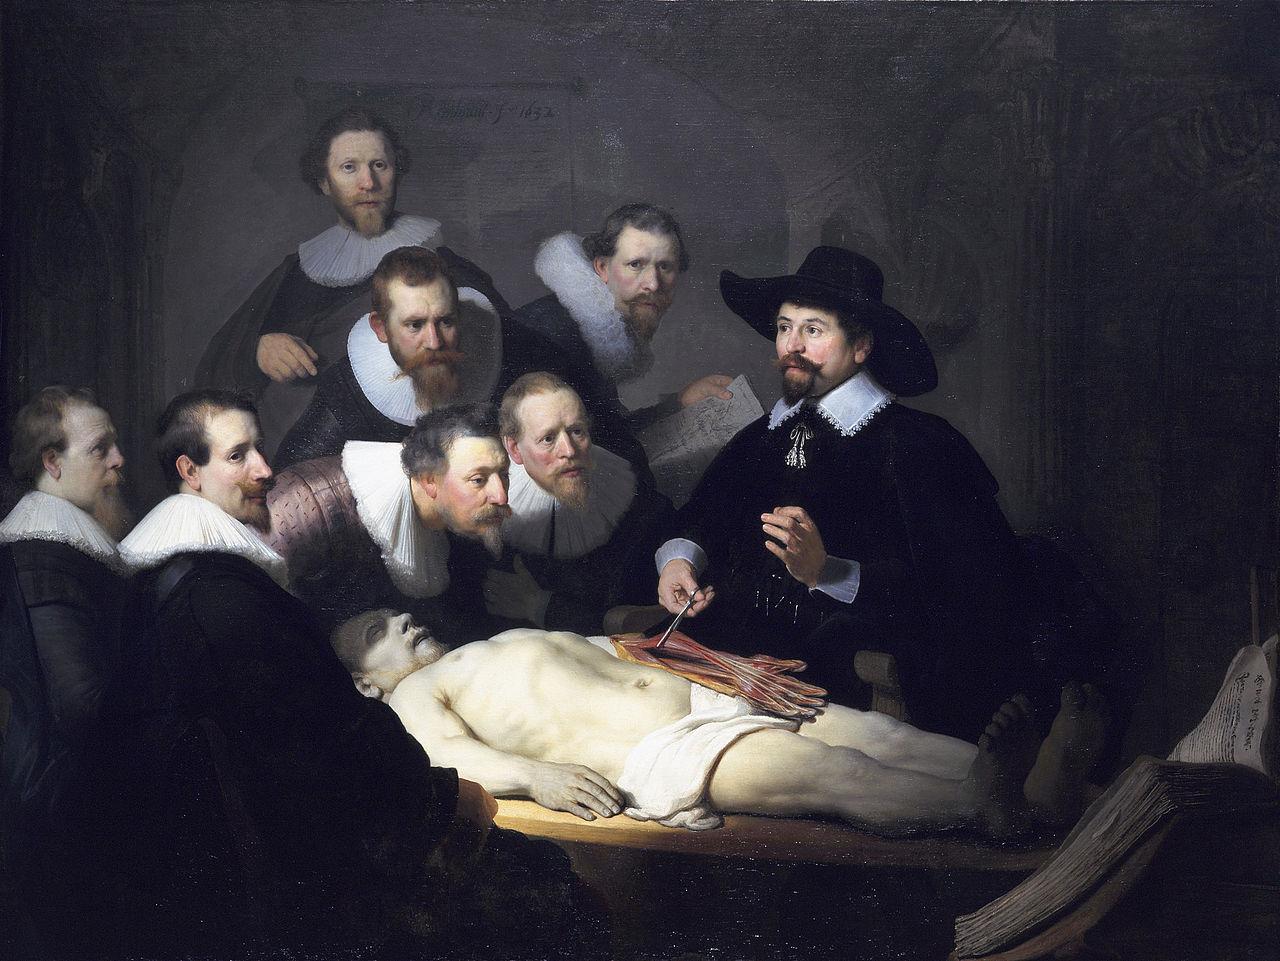 Урок анатомии у доктора Тюльпа, Рембрандт